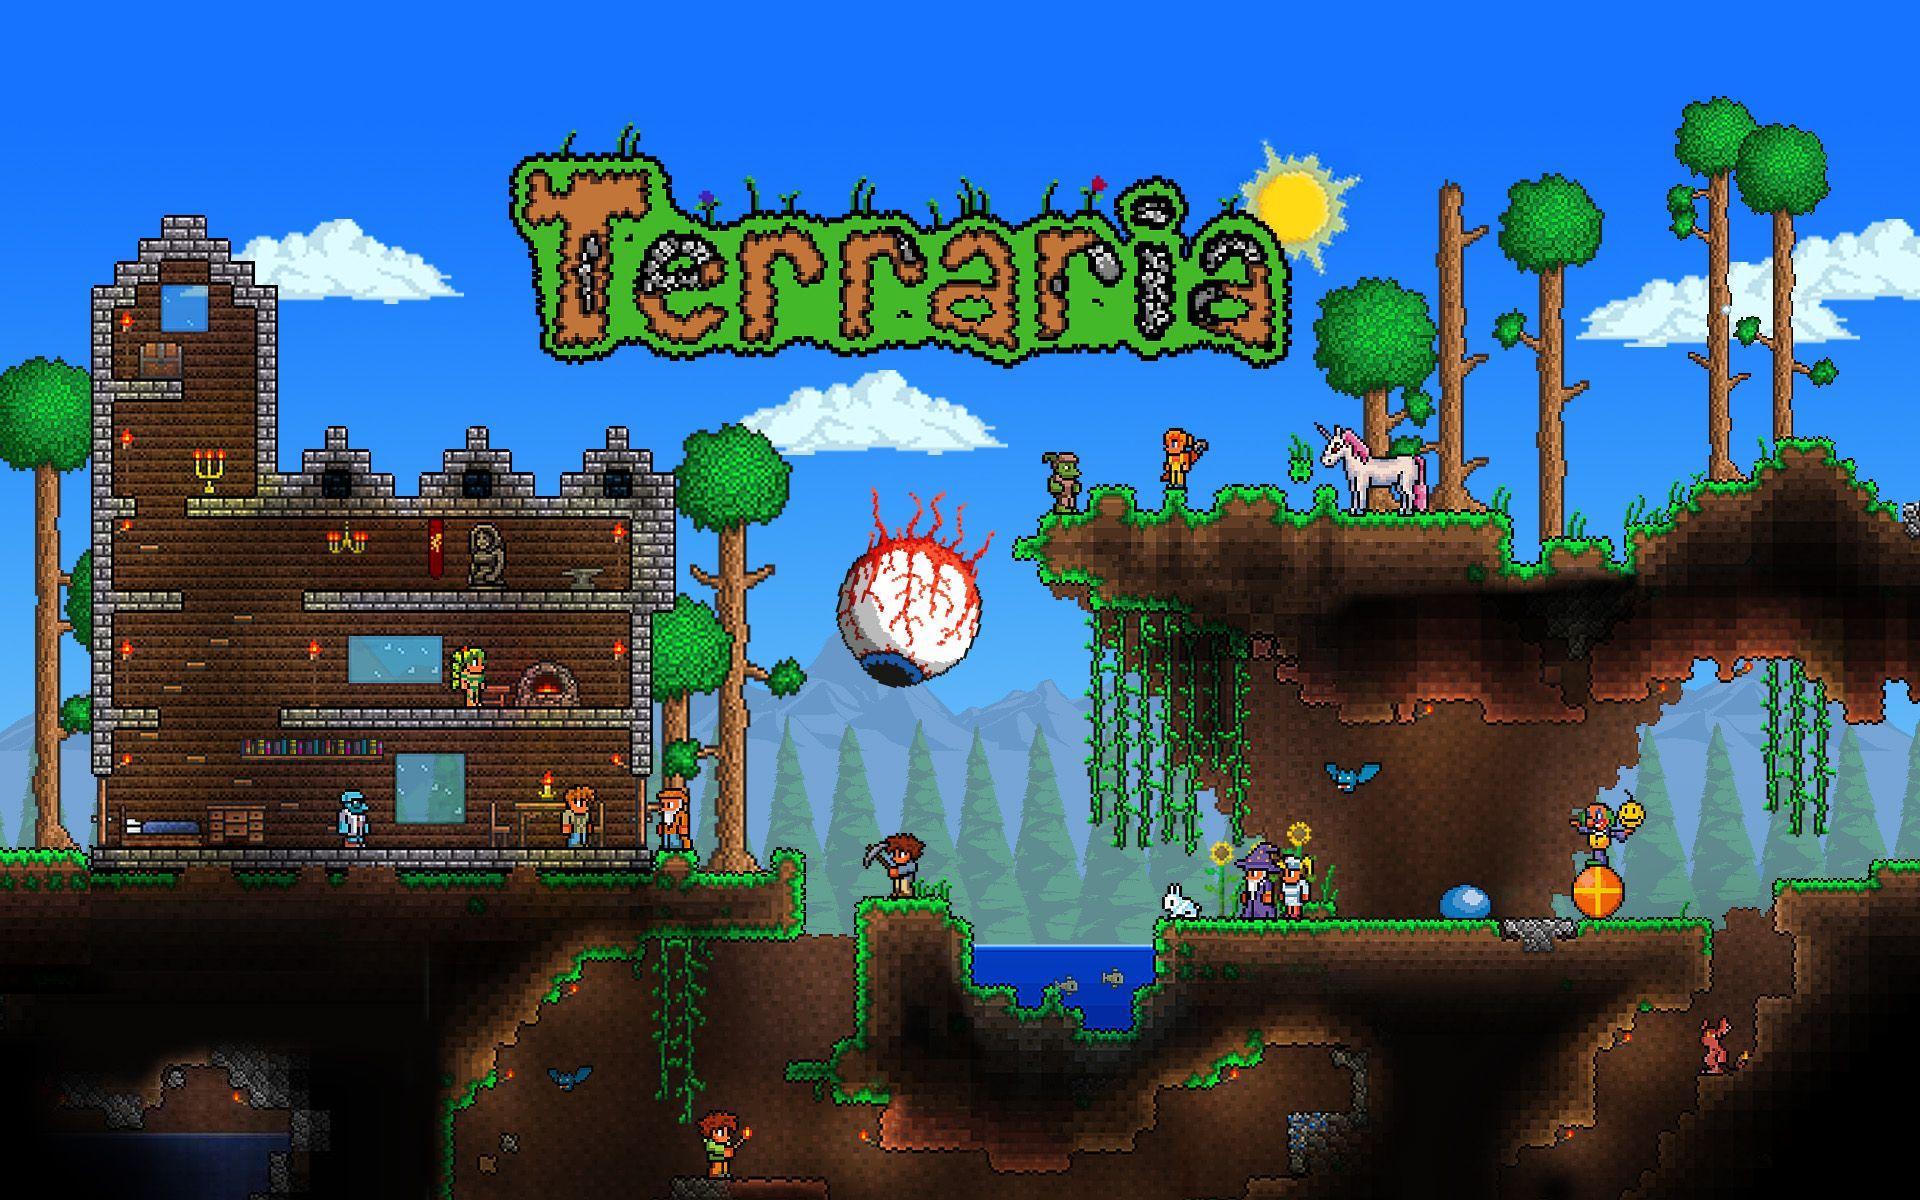 Top Wallpaper Minecraft Terraria - f72828e7c9008f55363e2322e286cff5  Perfect Image Reference_216772.jpg